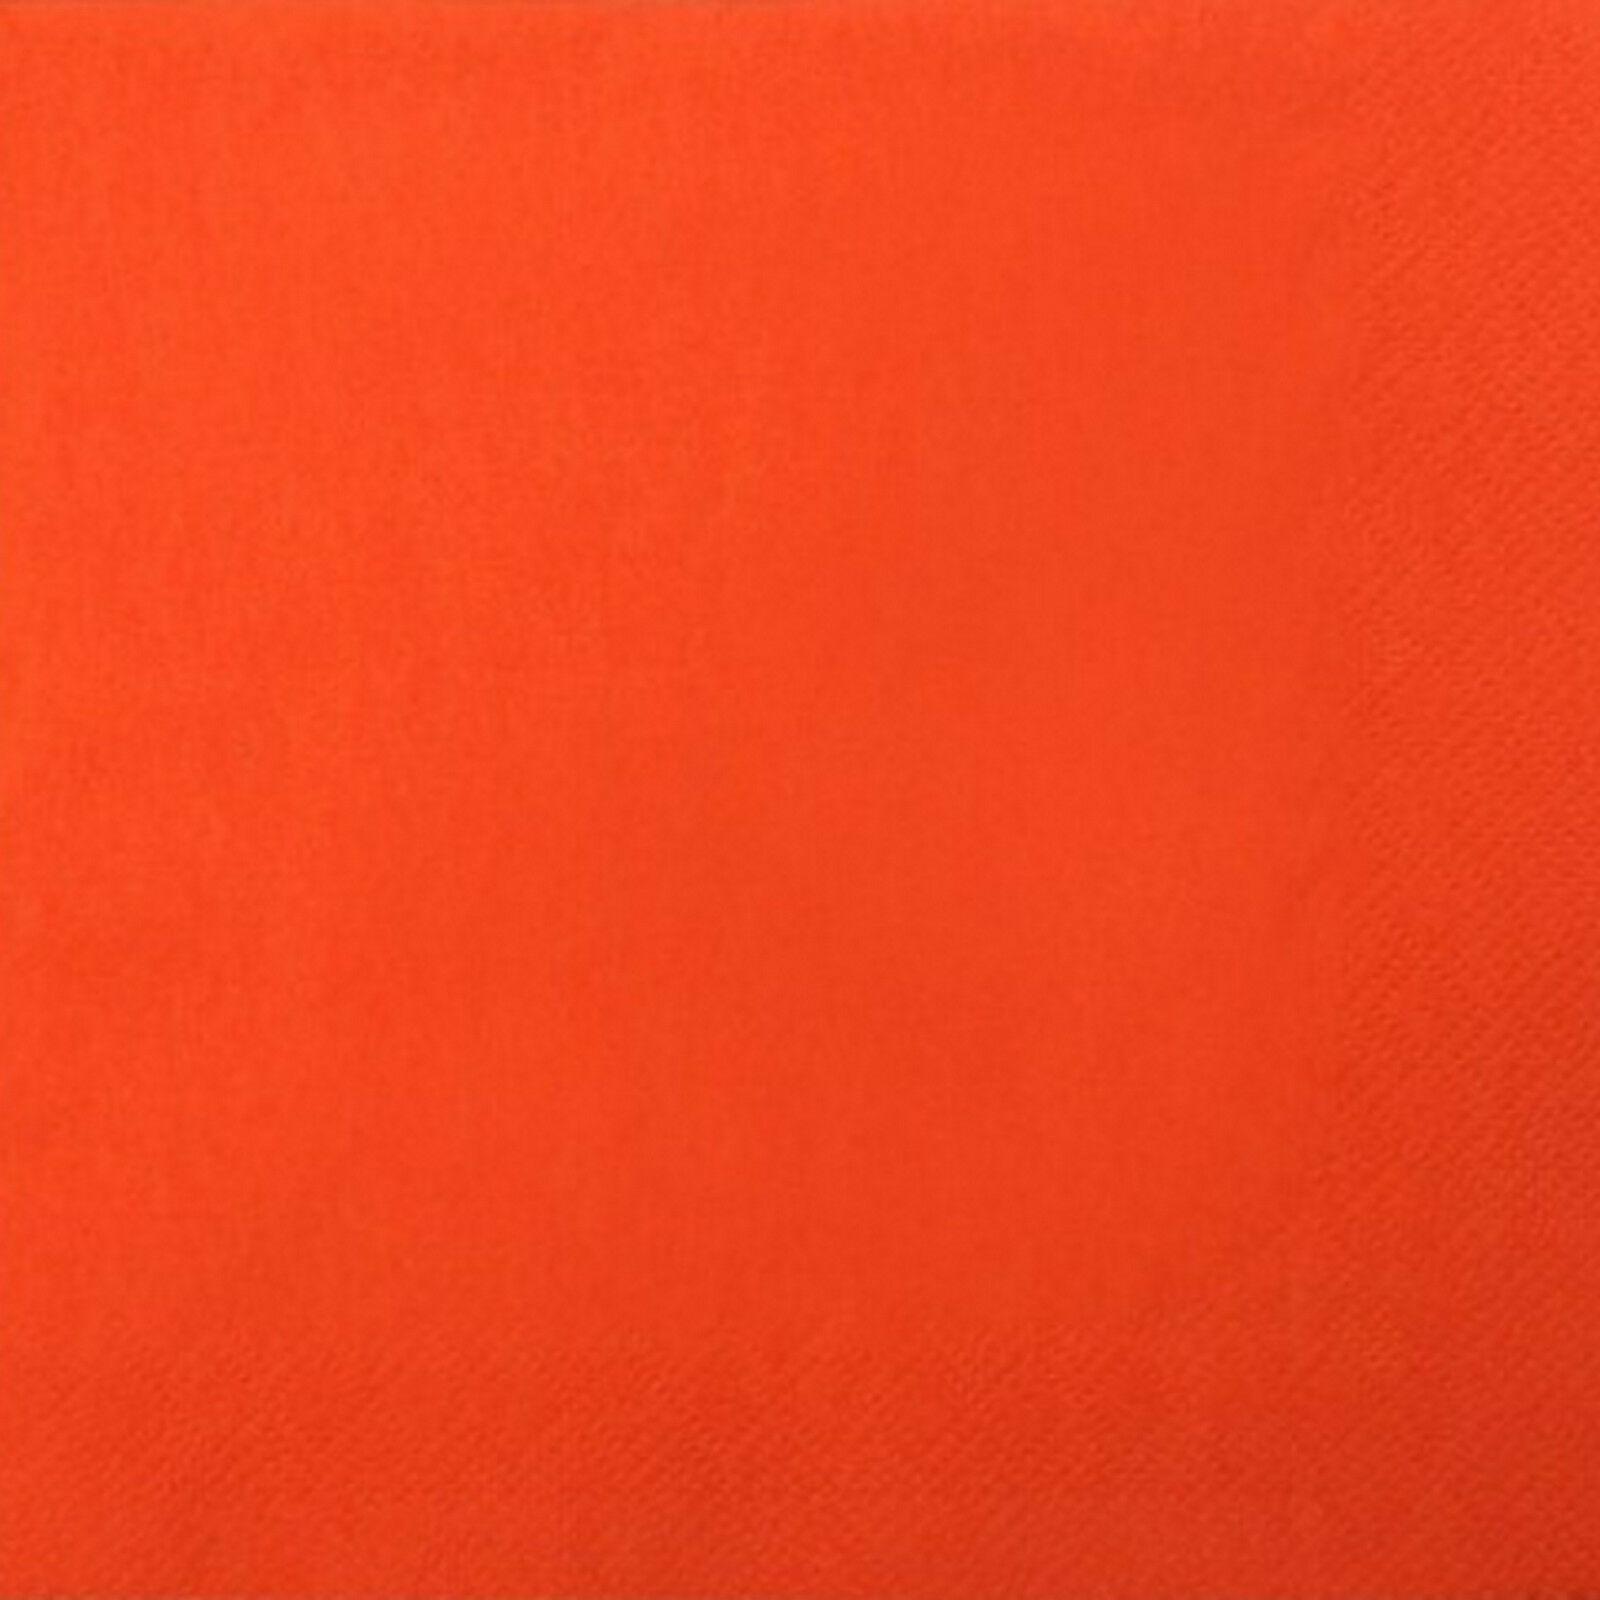 200 - 1.000 Stück Servietten 3-lagig 33x33 cm  Papierservietten Tissue-Qualität - Orange, 200 Stück